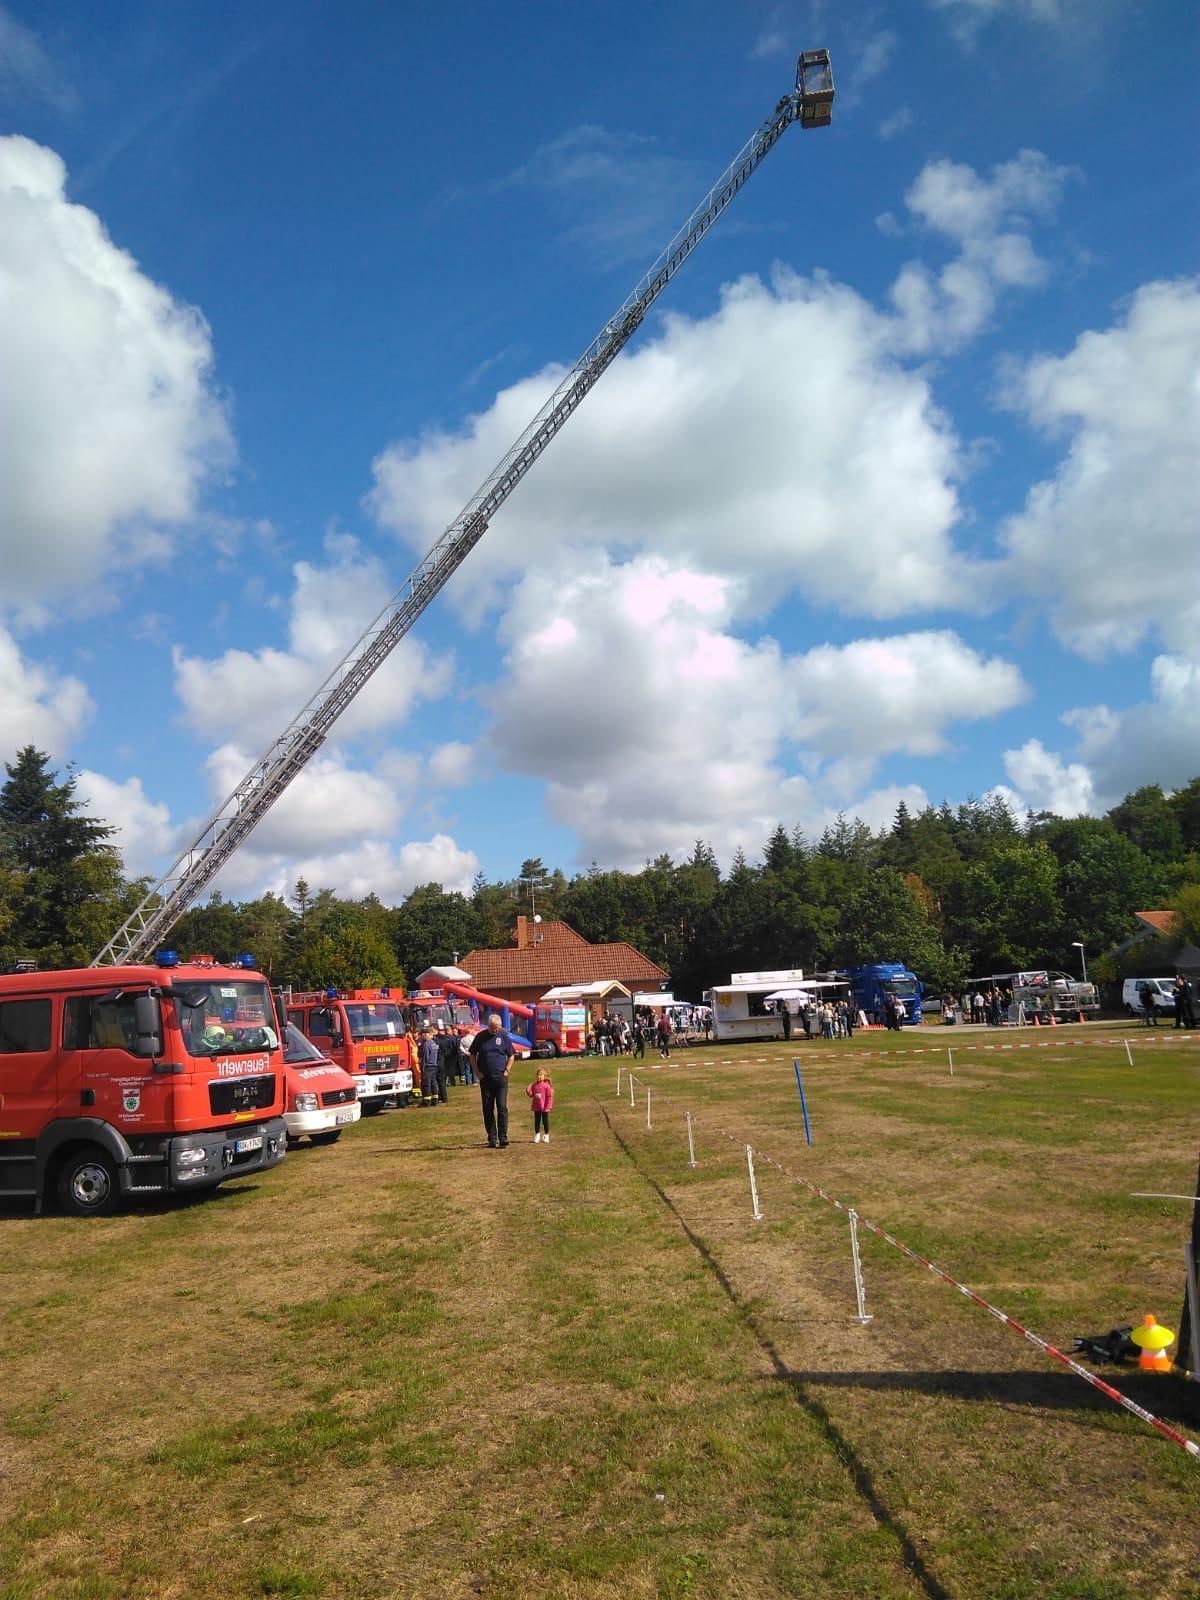 In dieser Reihe präsentieren sich bei strahlendem Wetter Feuerwehren der Umgebung